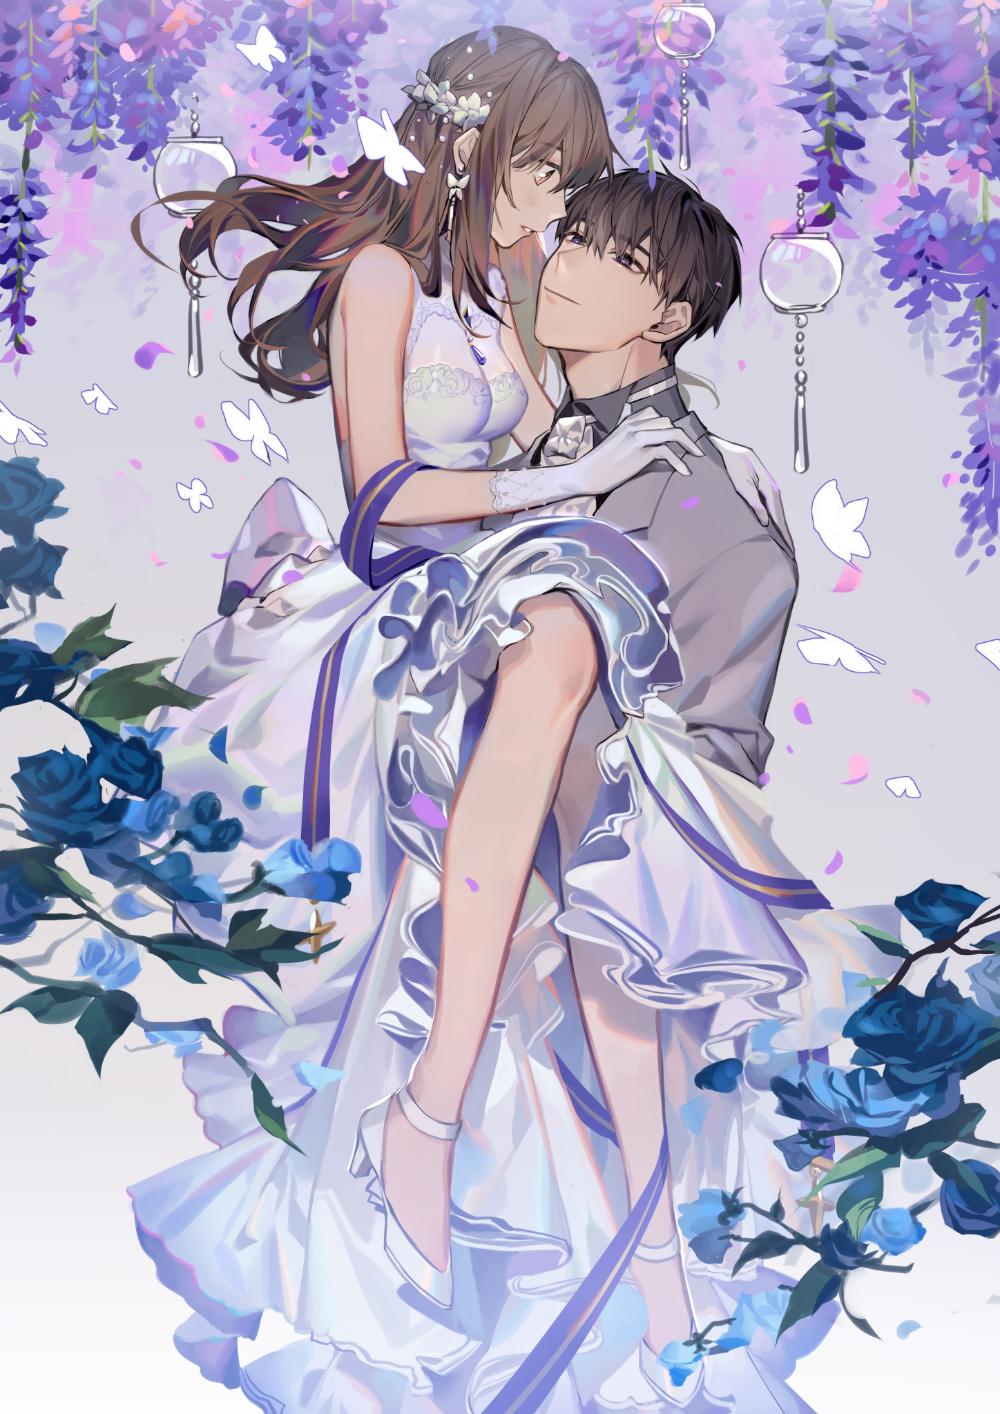 Tefco on Twitter in 2020 Anime wedding, Amazing art